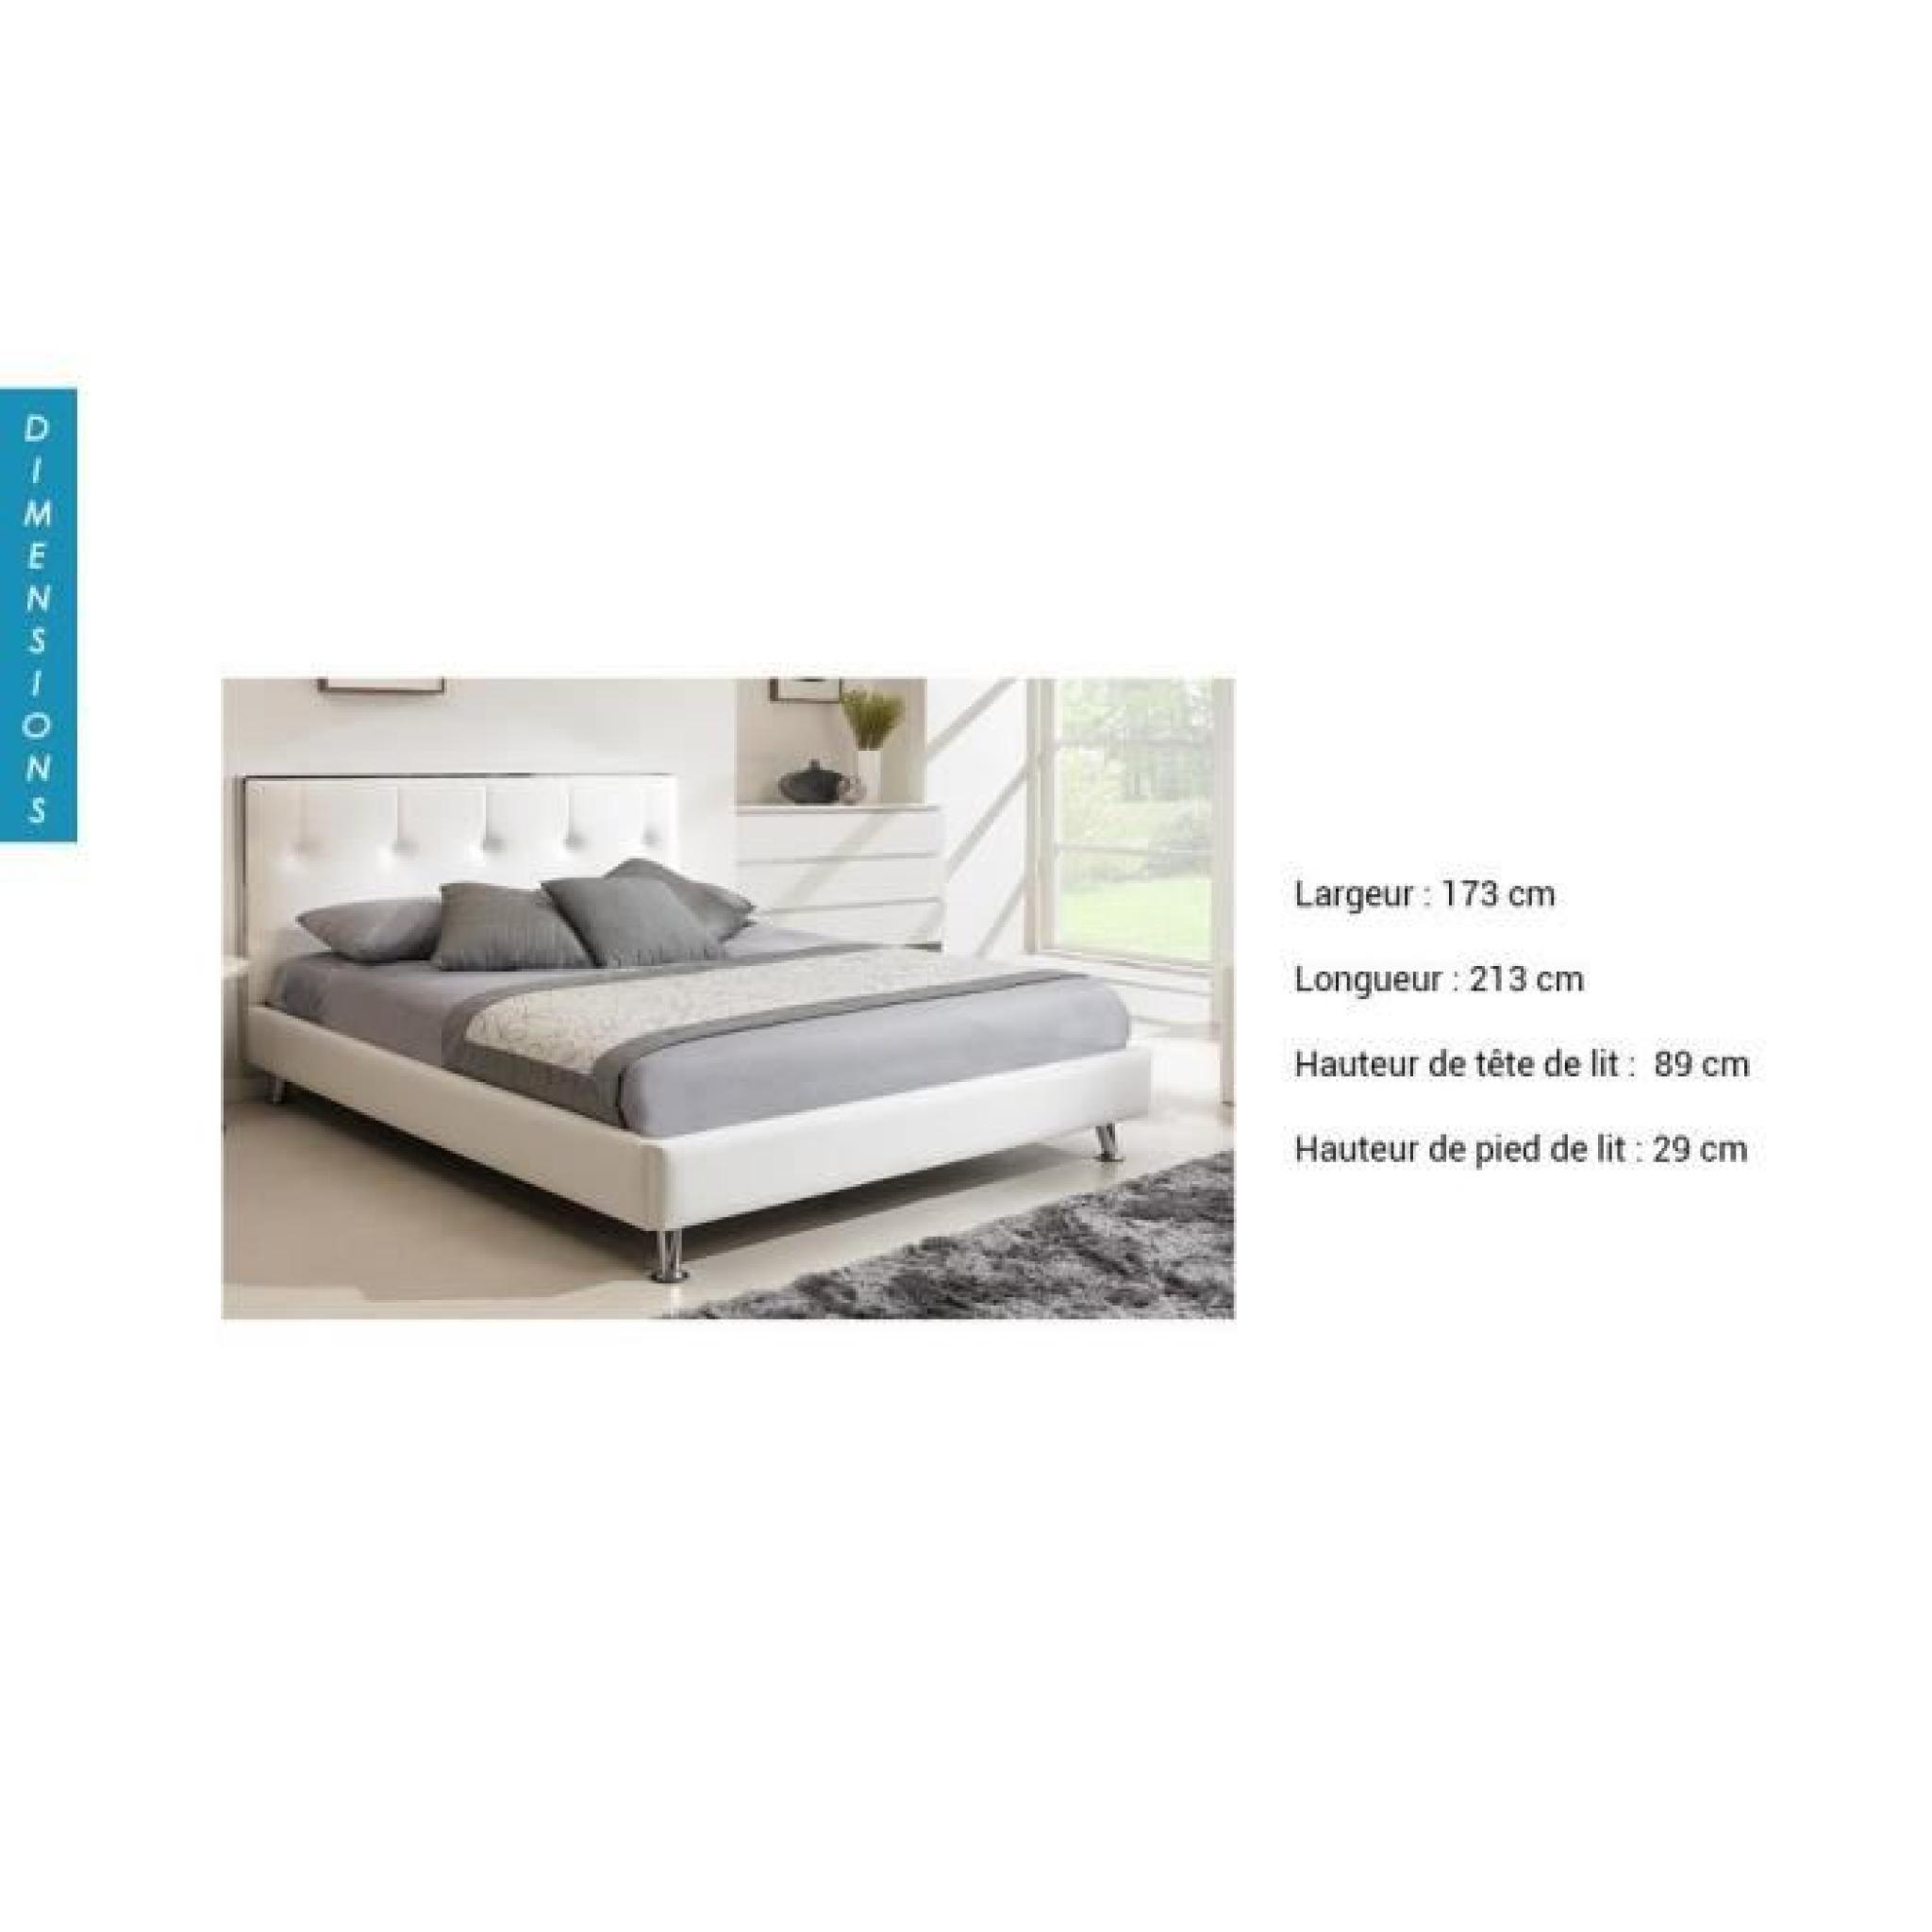 lit sabrina blanc coloris blanc dimensions 140 x 190 cm option chevets lit 2 chevets. Black Bedroom Furniture Sets. Home Design Ideas